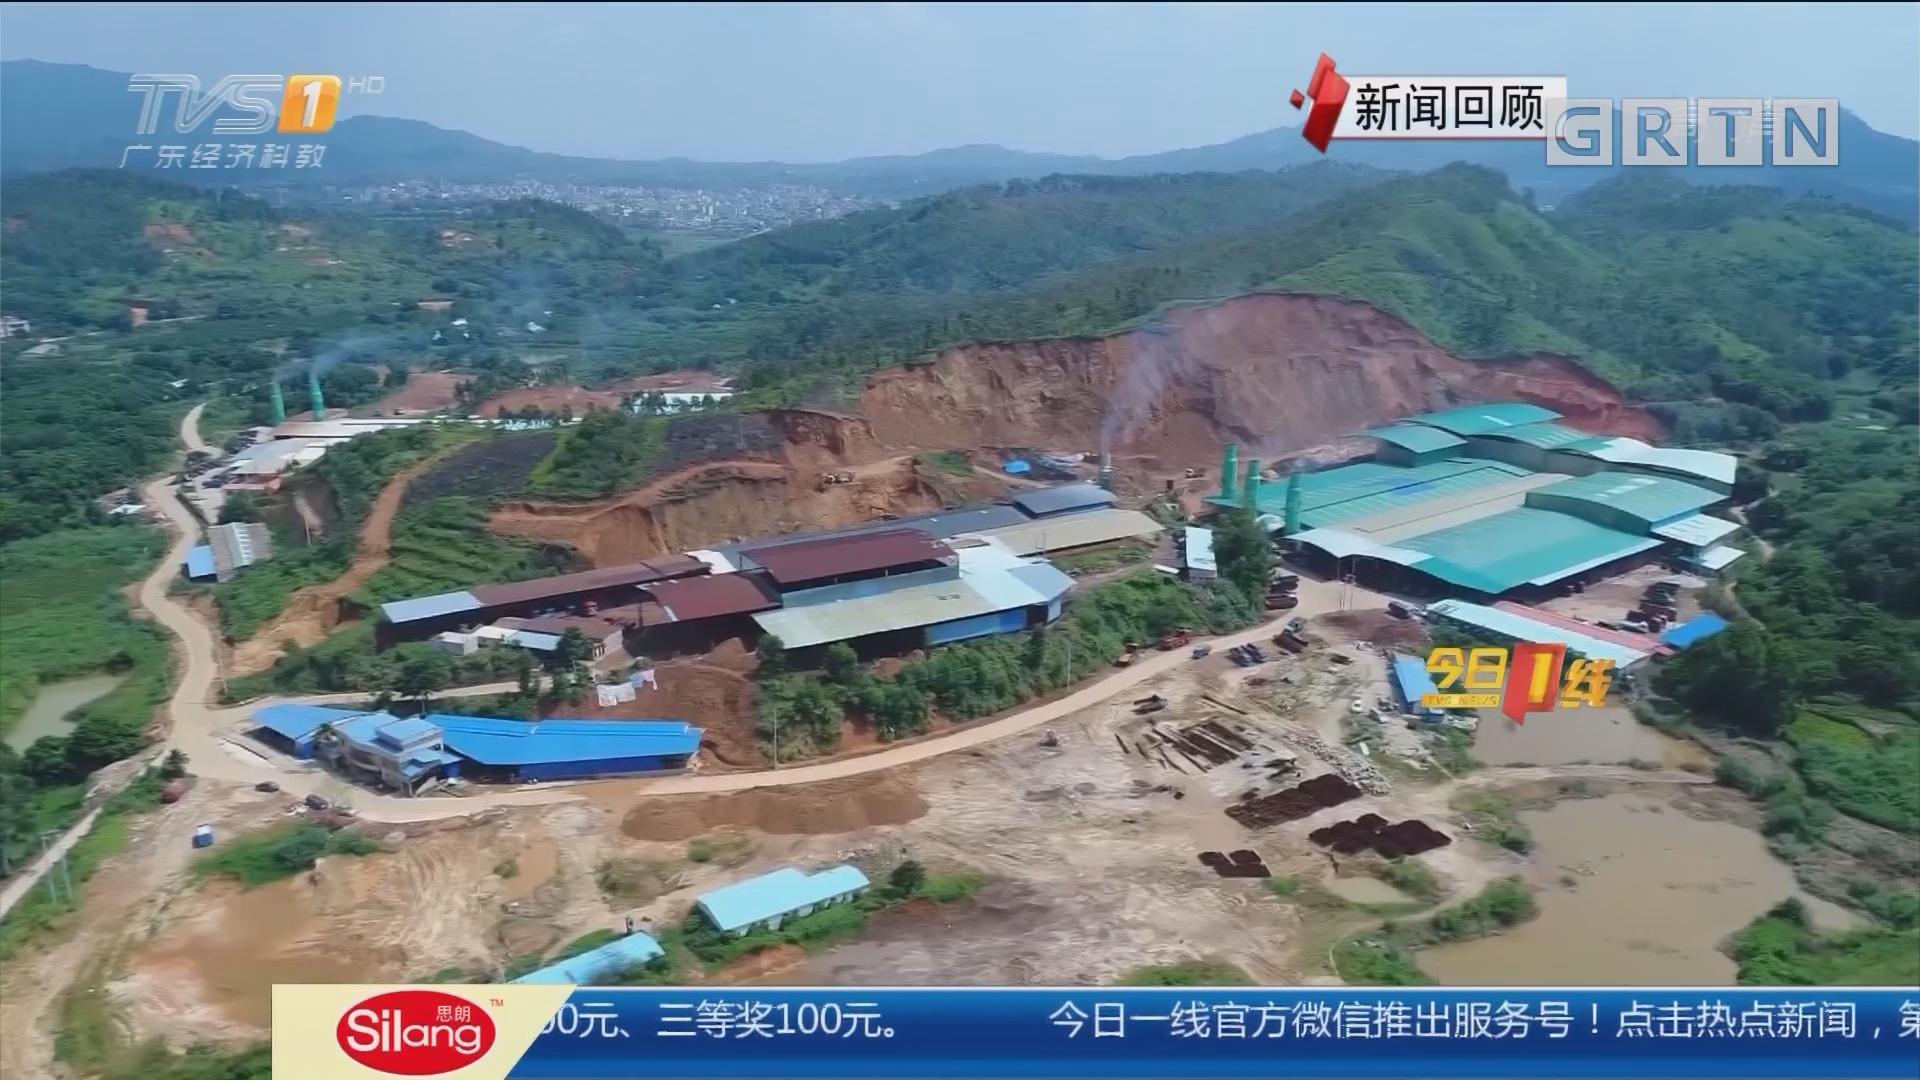 """""""违规红砖厂""""调查追踪:梅州丰顺 全县19家砖厂 明起全面停产整顿"""